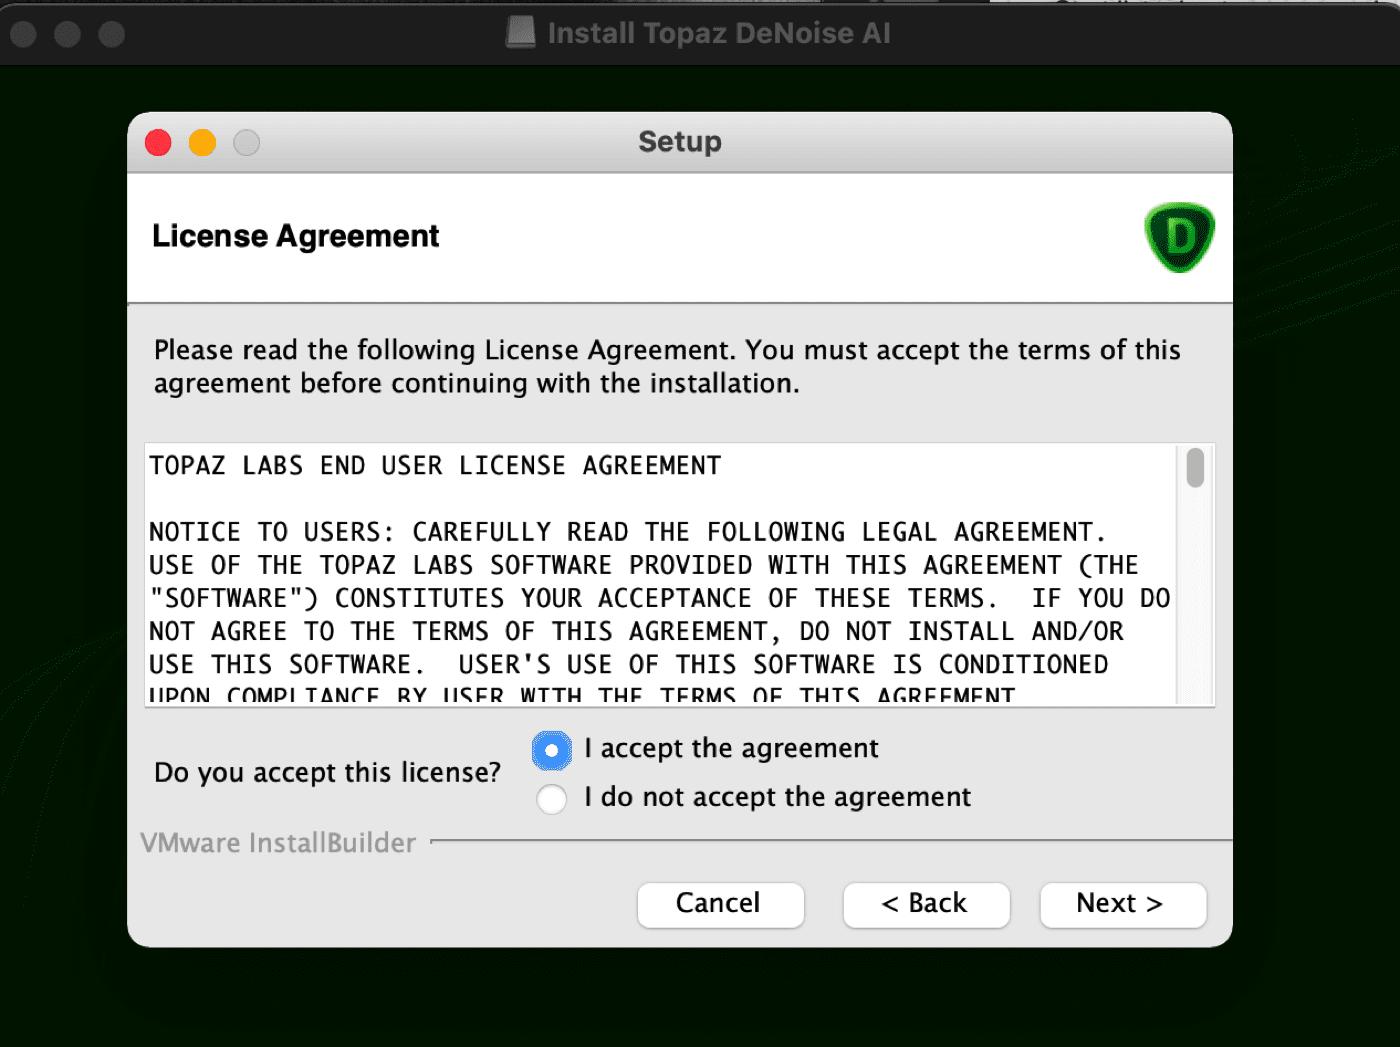 Topaz Denoise AI Workflow LIcense Agreement